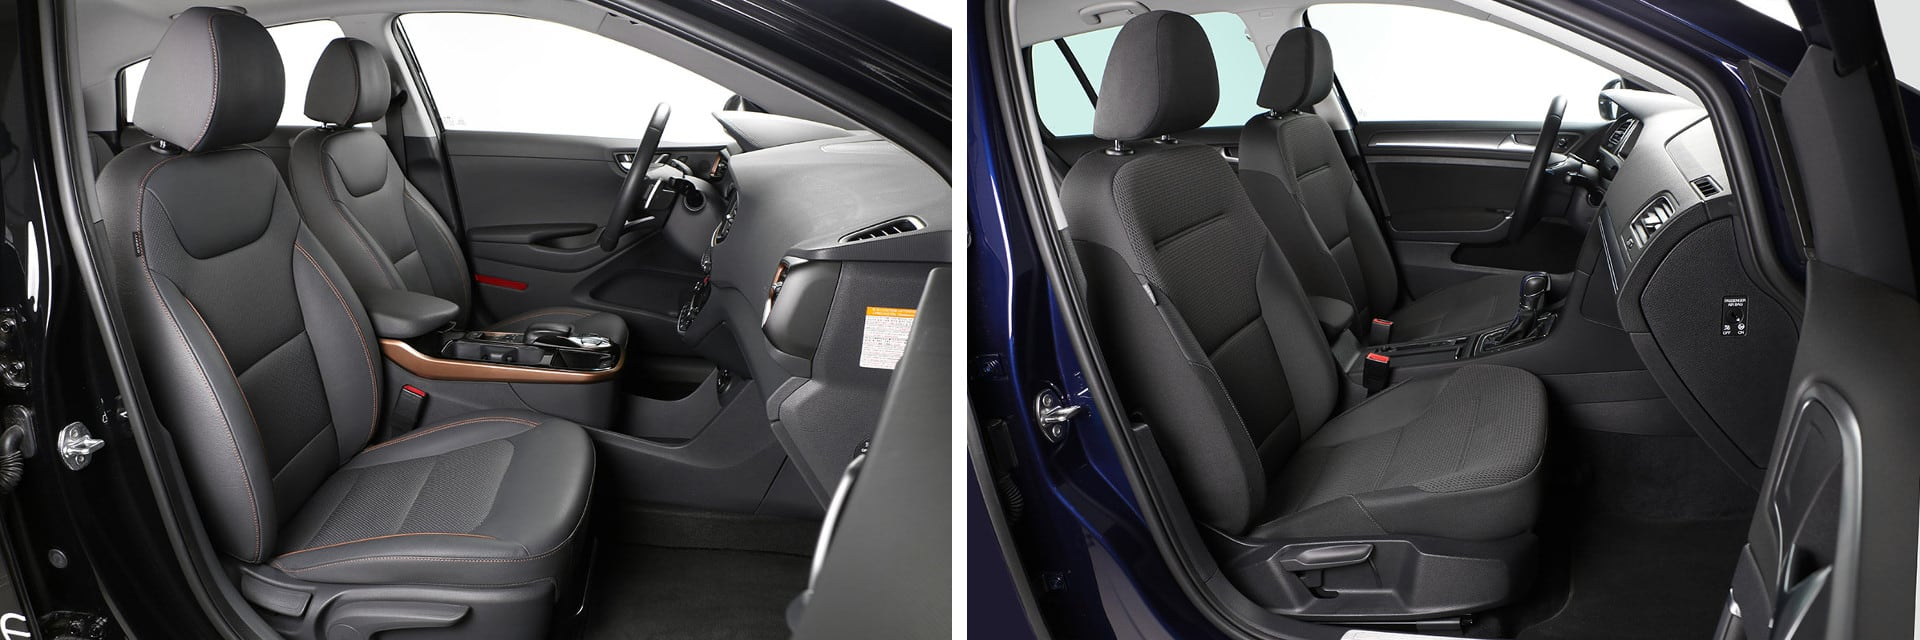 El IONIQ Style (izq.) viene de serie con unos asientos delanteros de cuero, con regulación eléctrica, calefacción y ventilación.